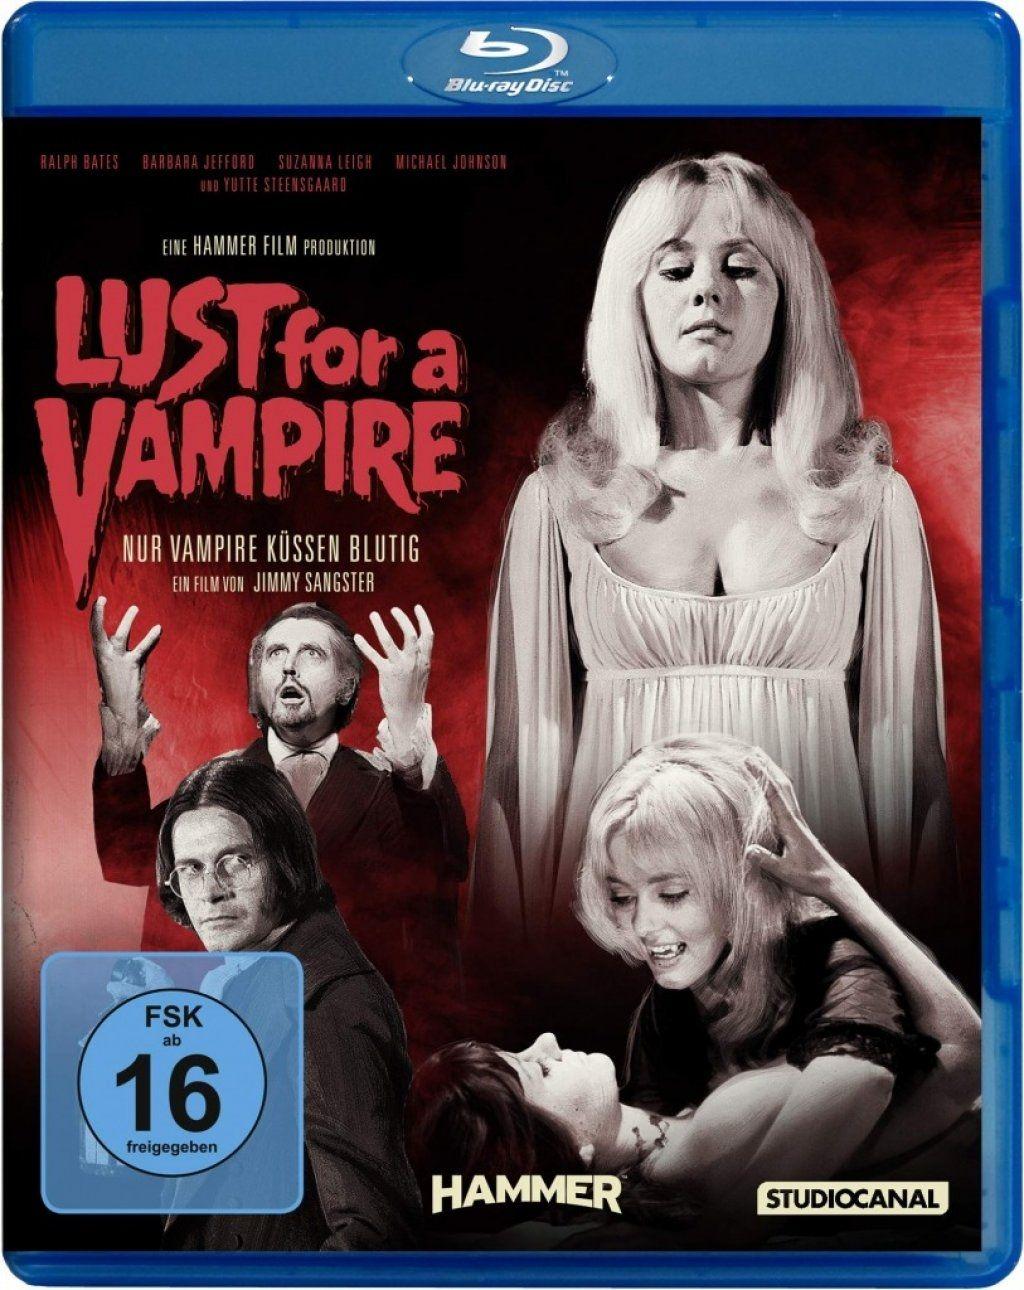 Lust for a Vampire - Nur Vampire küssen blutig (BLURAY)